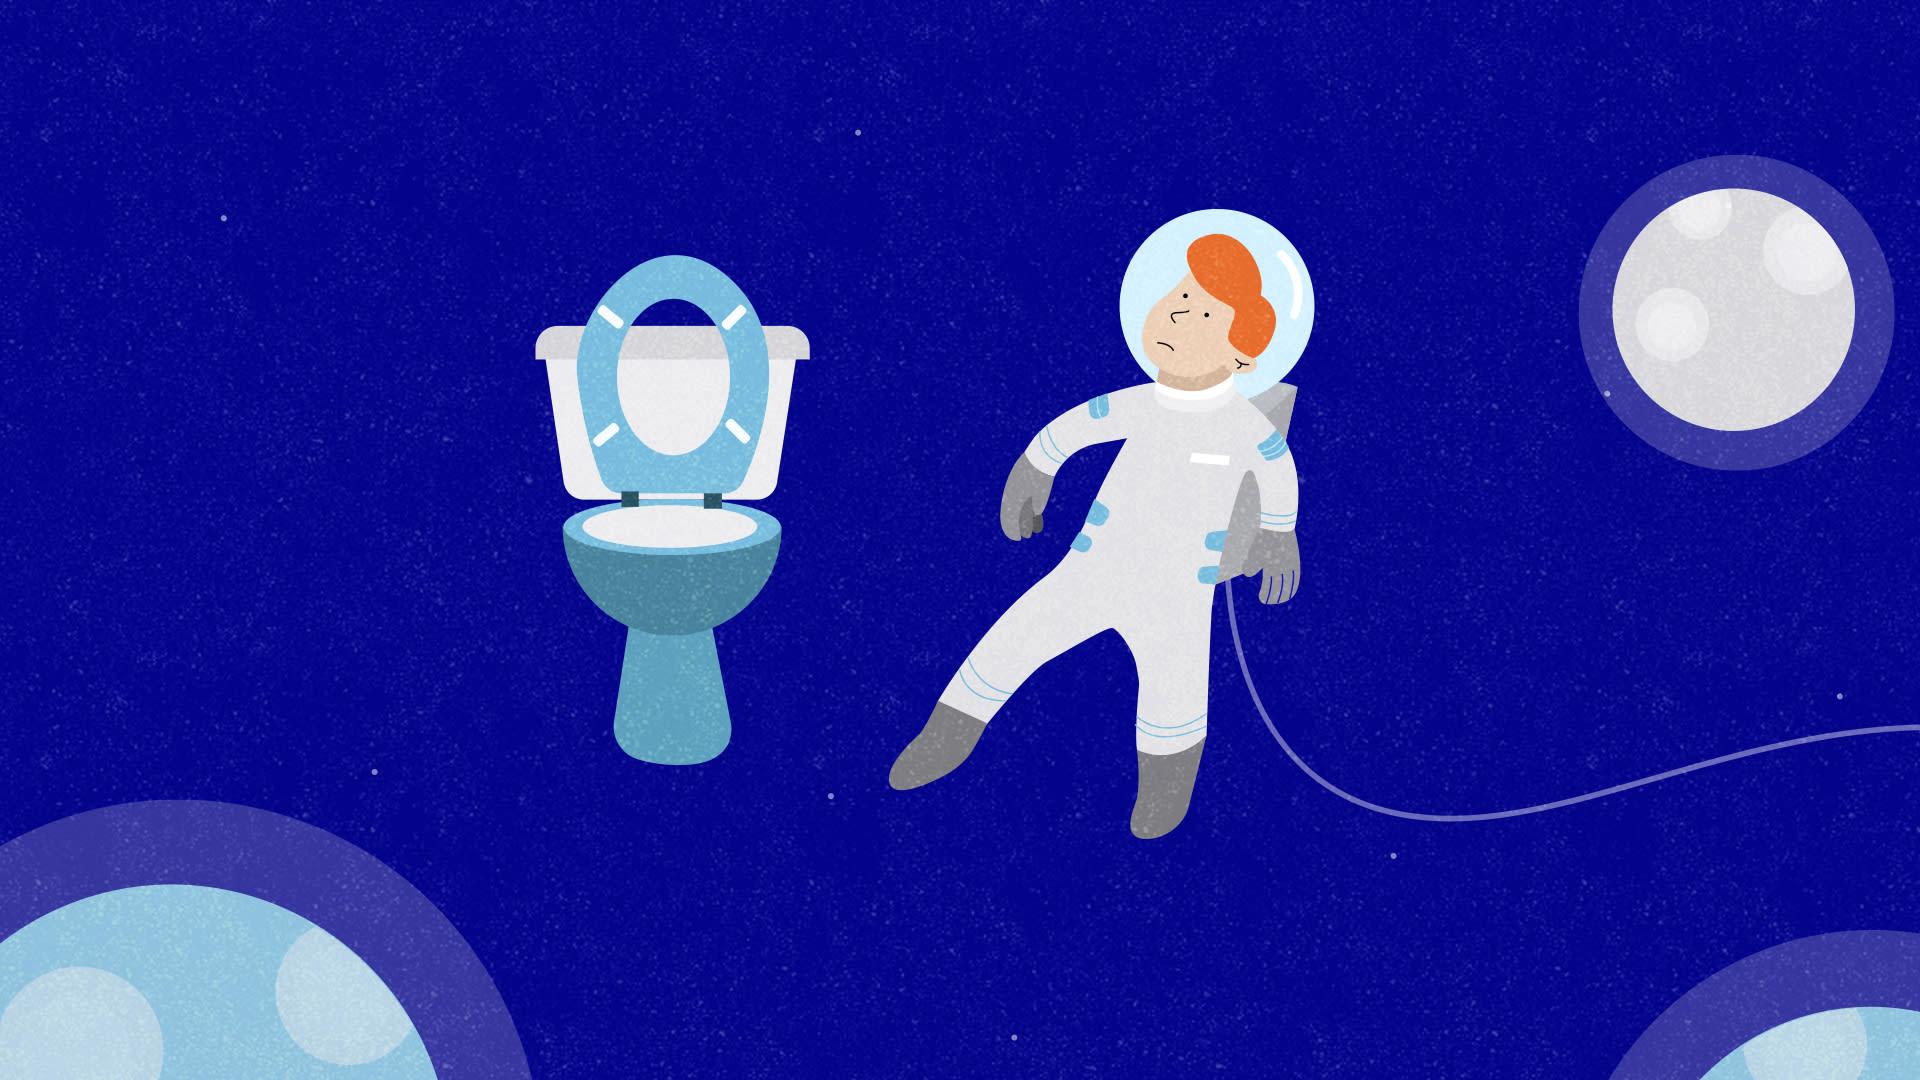 """هل سألت نفسك أين """"يقضي رواد الفضاء حاجتهم""""؟ إليك الجواب"""